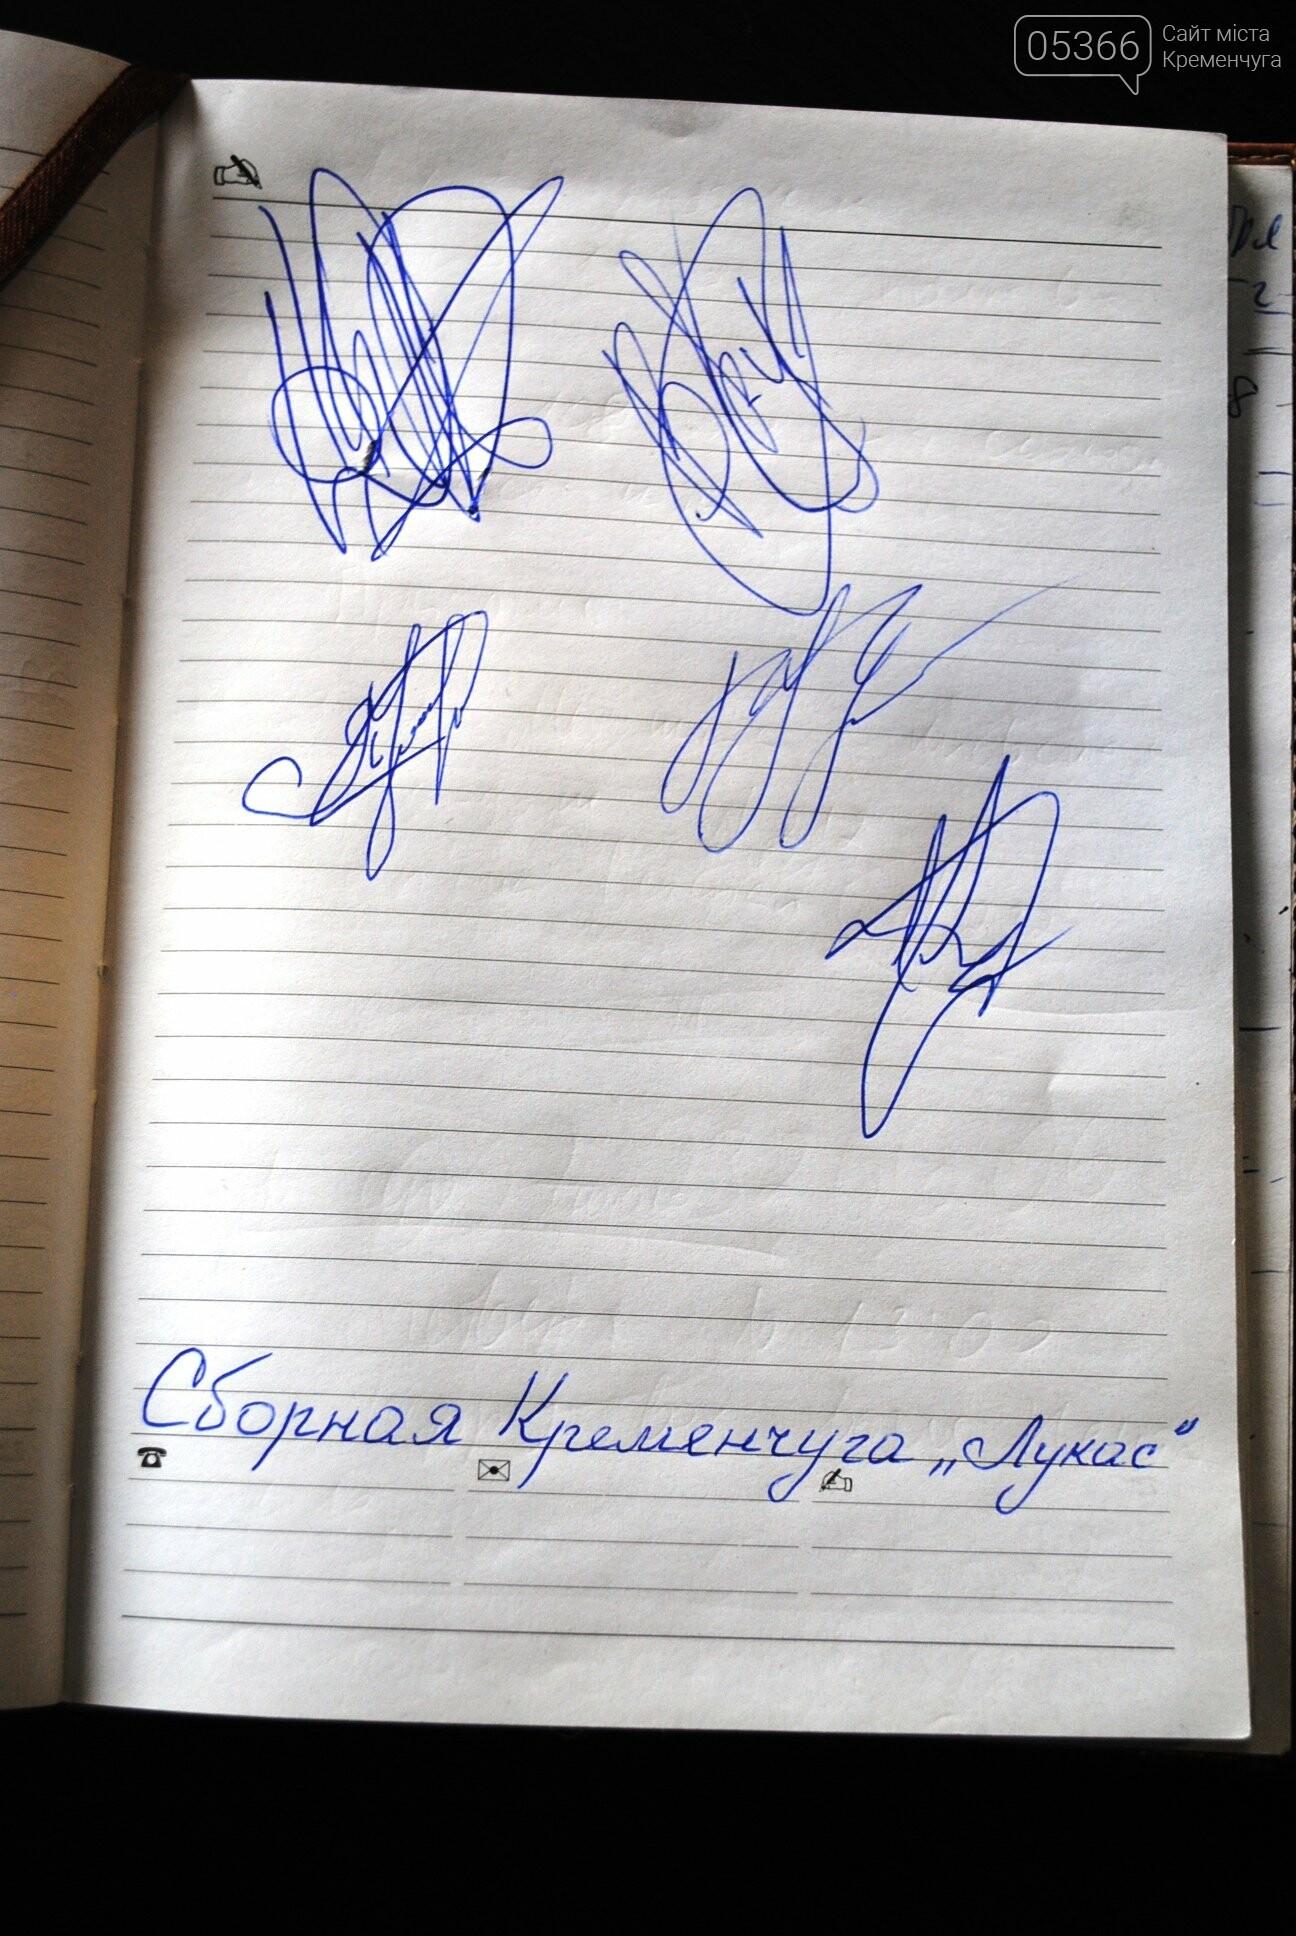 """Сборная Кременчуга """"Лукас"""" вернулась в Лигу Смеха со свежими силами (ФОТО), фото-2"""